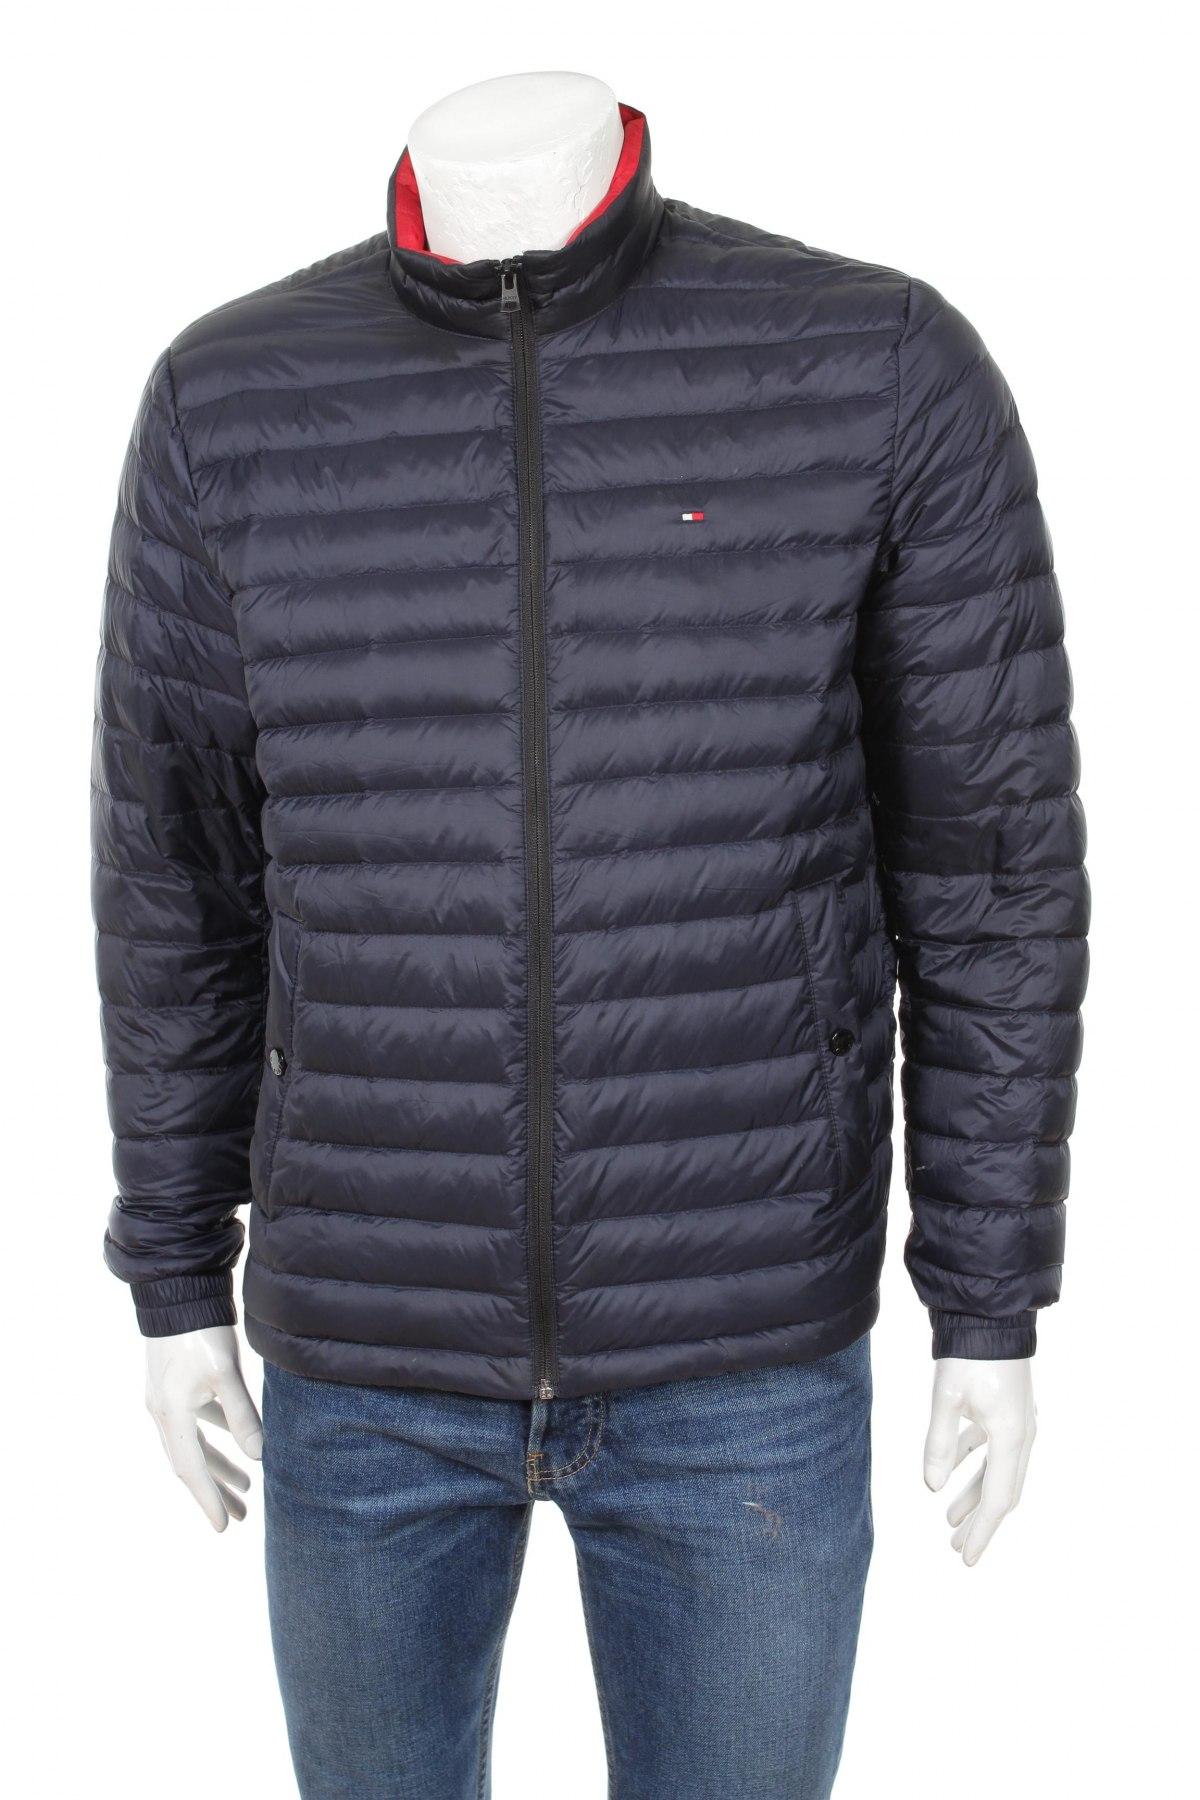 Pánská bunda Tommy Hilfiger - za vyhodnou cenu na Remix -  102451753 2e4cd8acc4